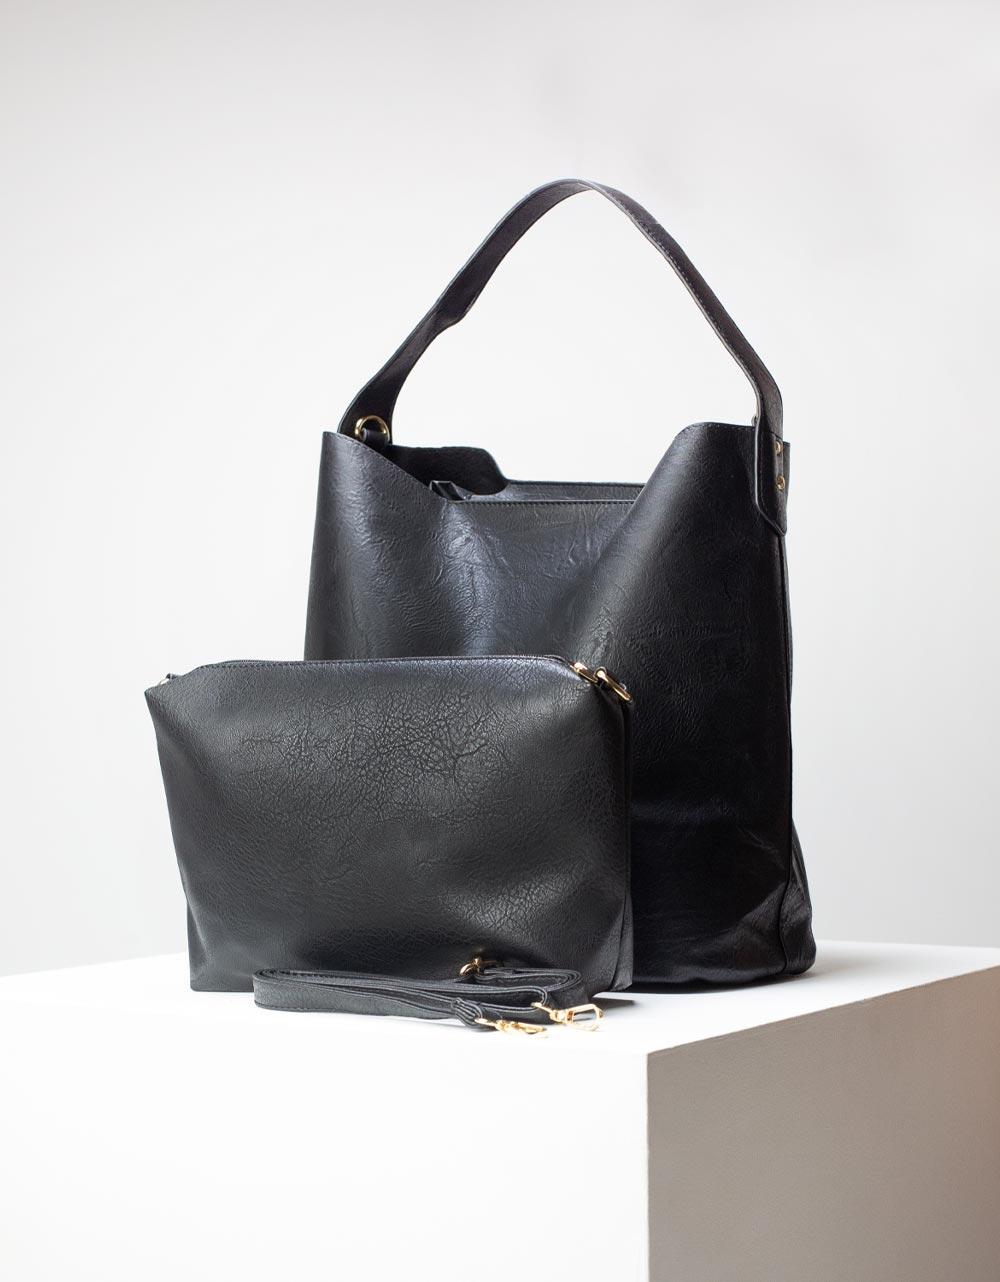 Εικόνα από Γυναικεία τσάντα ώμου με εσωτερικό τσαντάκι Μαύρο